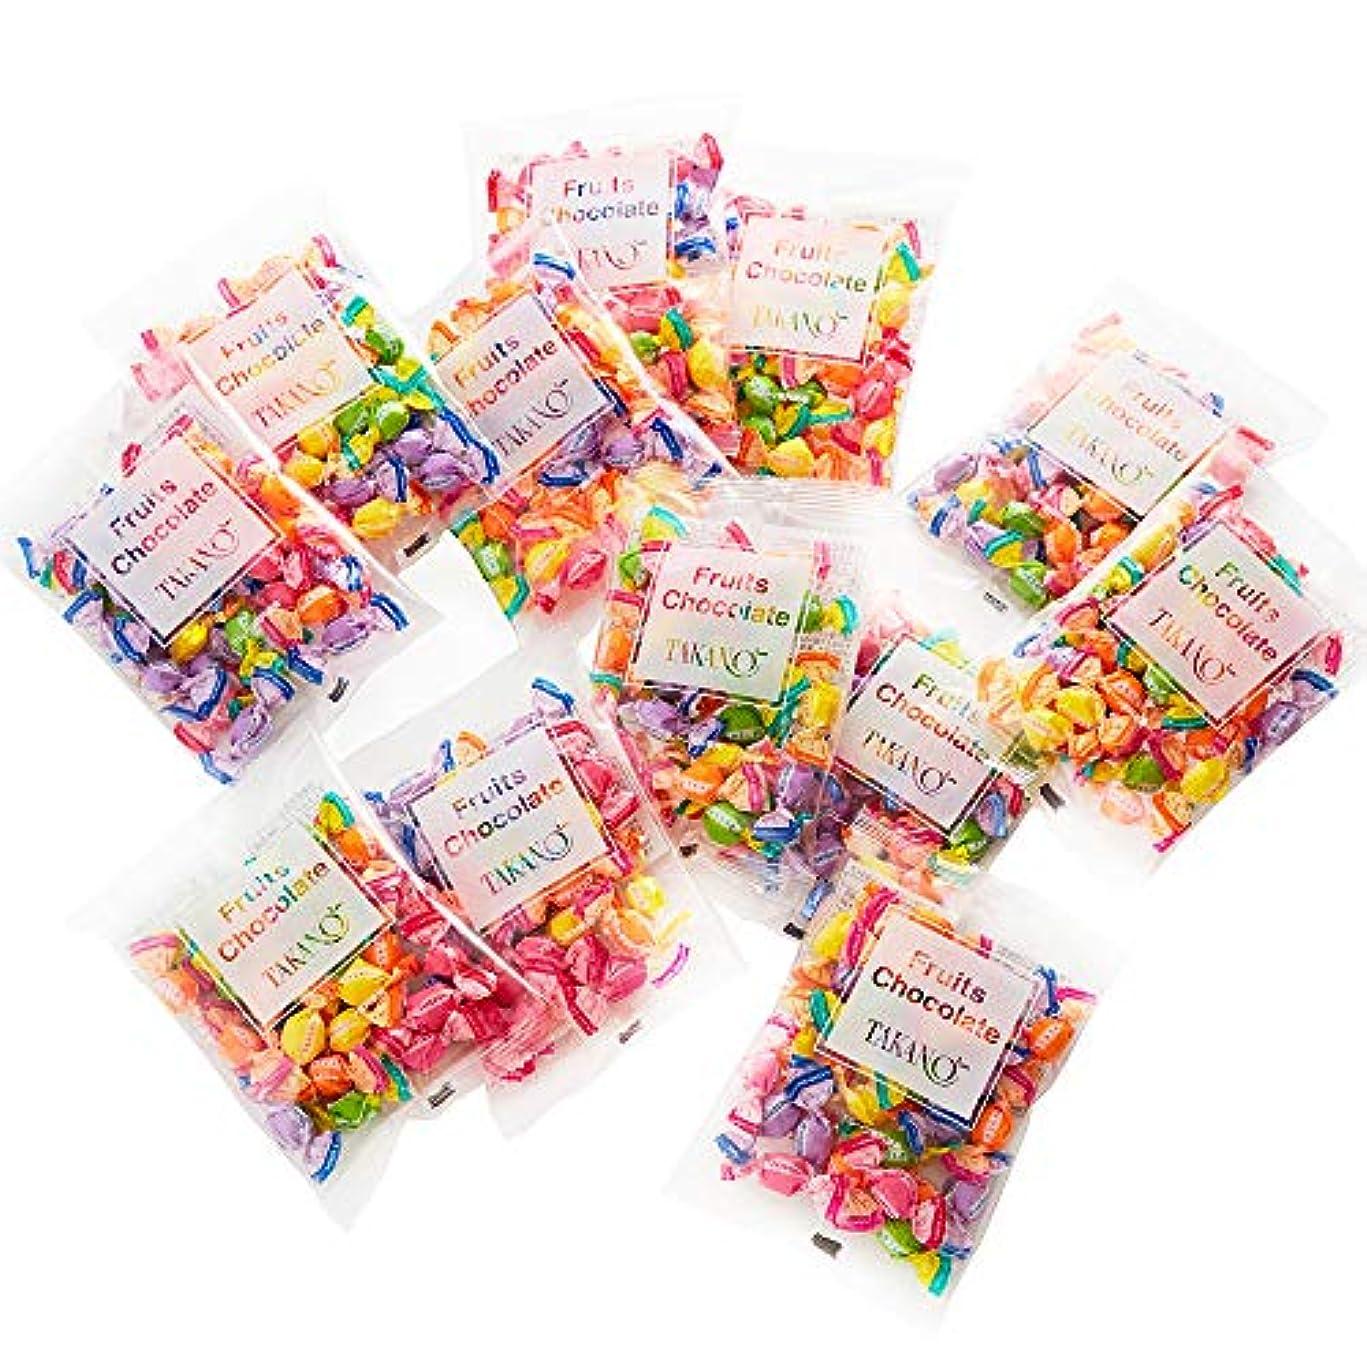 戦士みなすめんどり新宿高野 フルーツチョコレート 小袋タイプ(4袋入×3)贈り物 [内祝い/手土産/ハロウィン/バレンタイン] 5種類のフルーツ